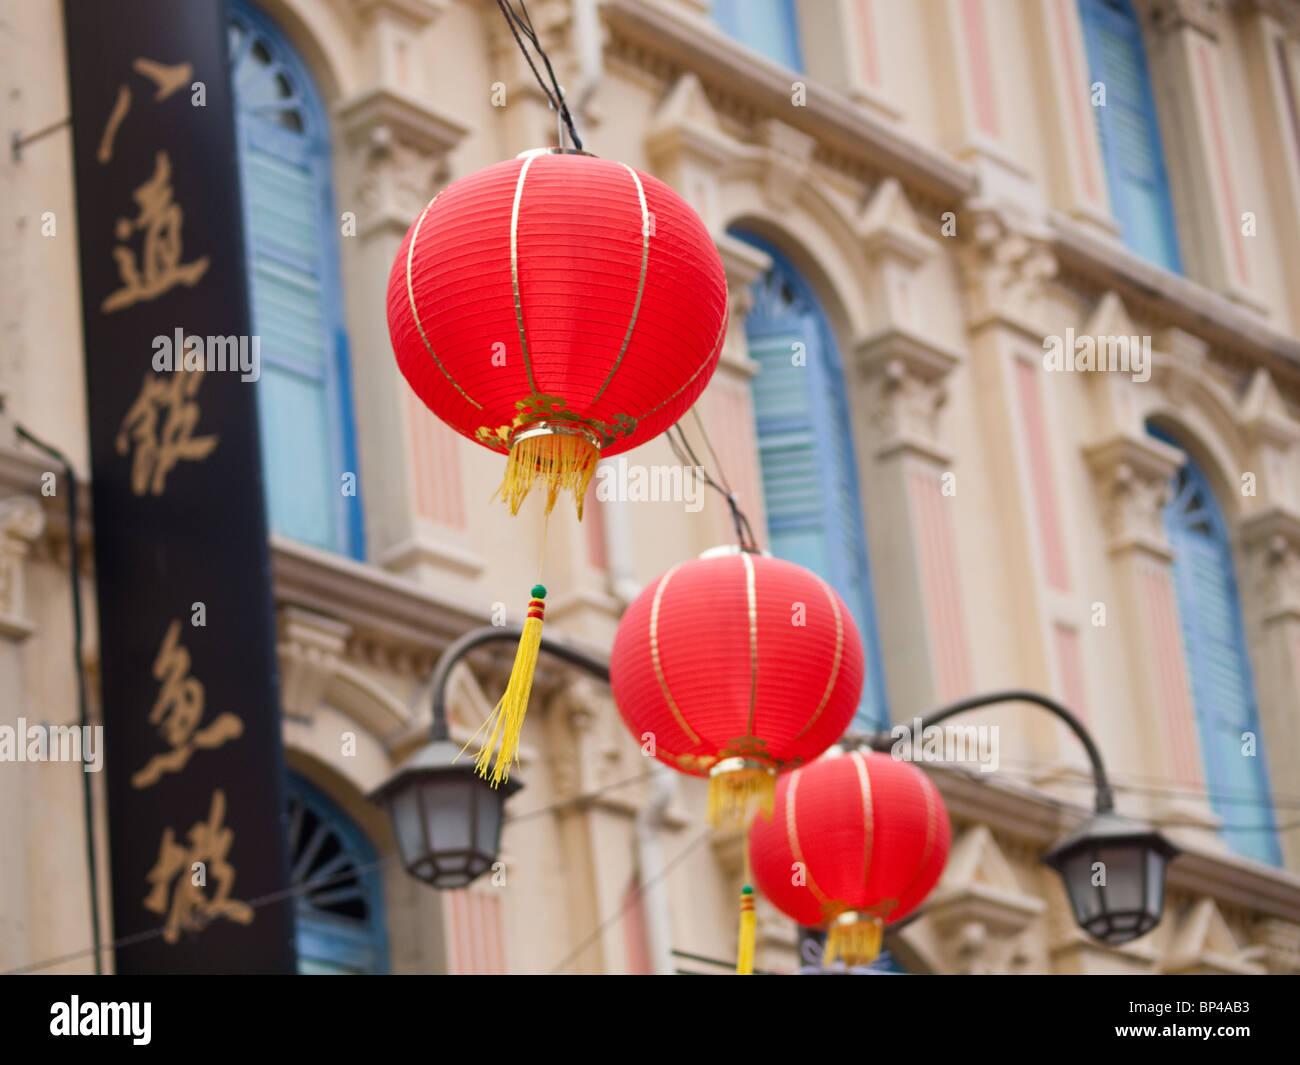 Lanternes rouges chinois sur la rue de la Pagode historique de Chinatown, à Singapour. Photo Stock